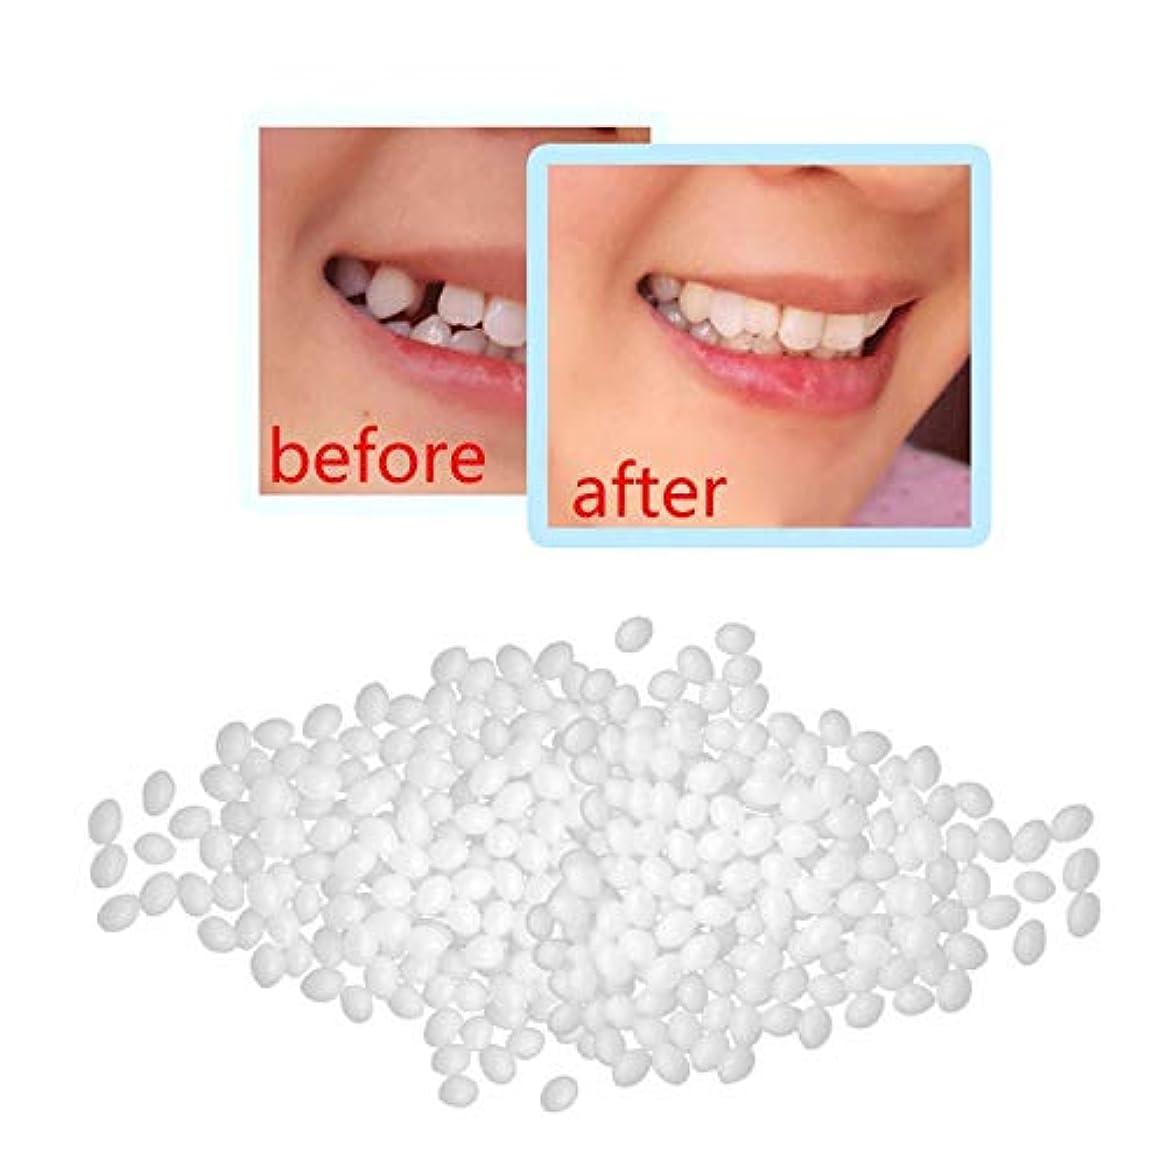 最近尋ねるマウスピース歯のベニヤ一時的な歯の修理キット樹脂偽歯の隙間固体接着剤義歯接着剤用コスプレ,White,10g